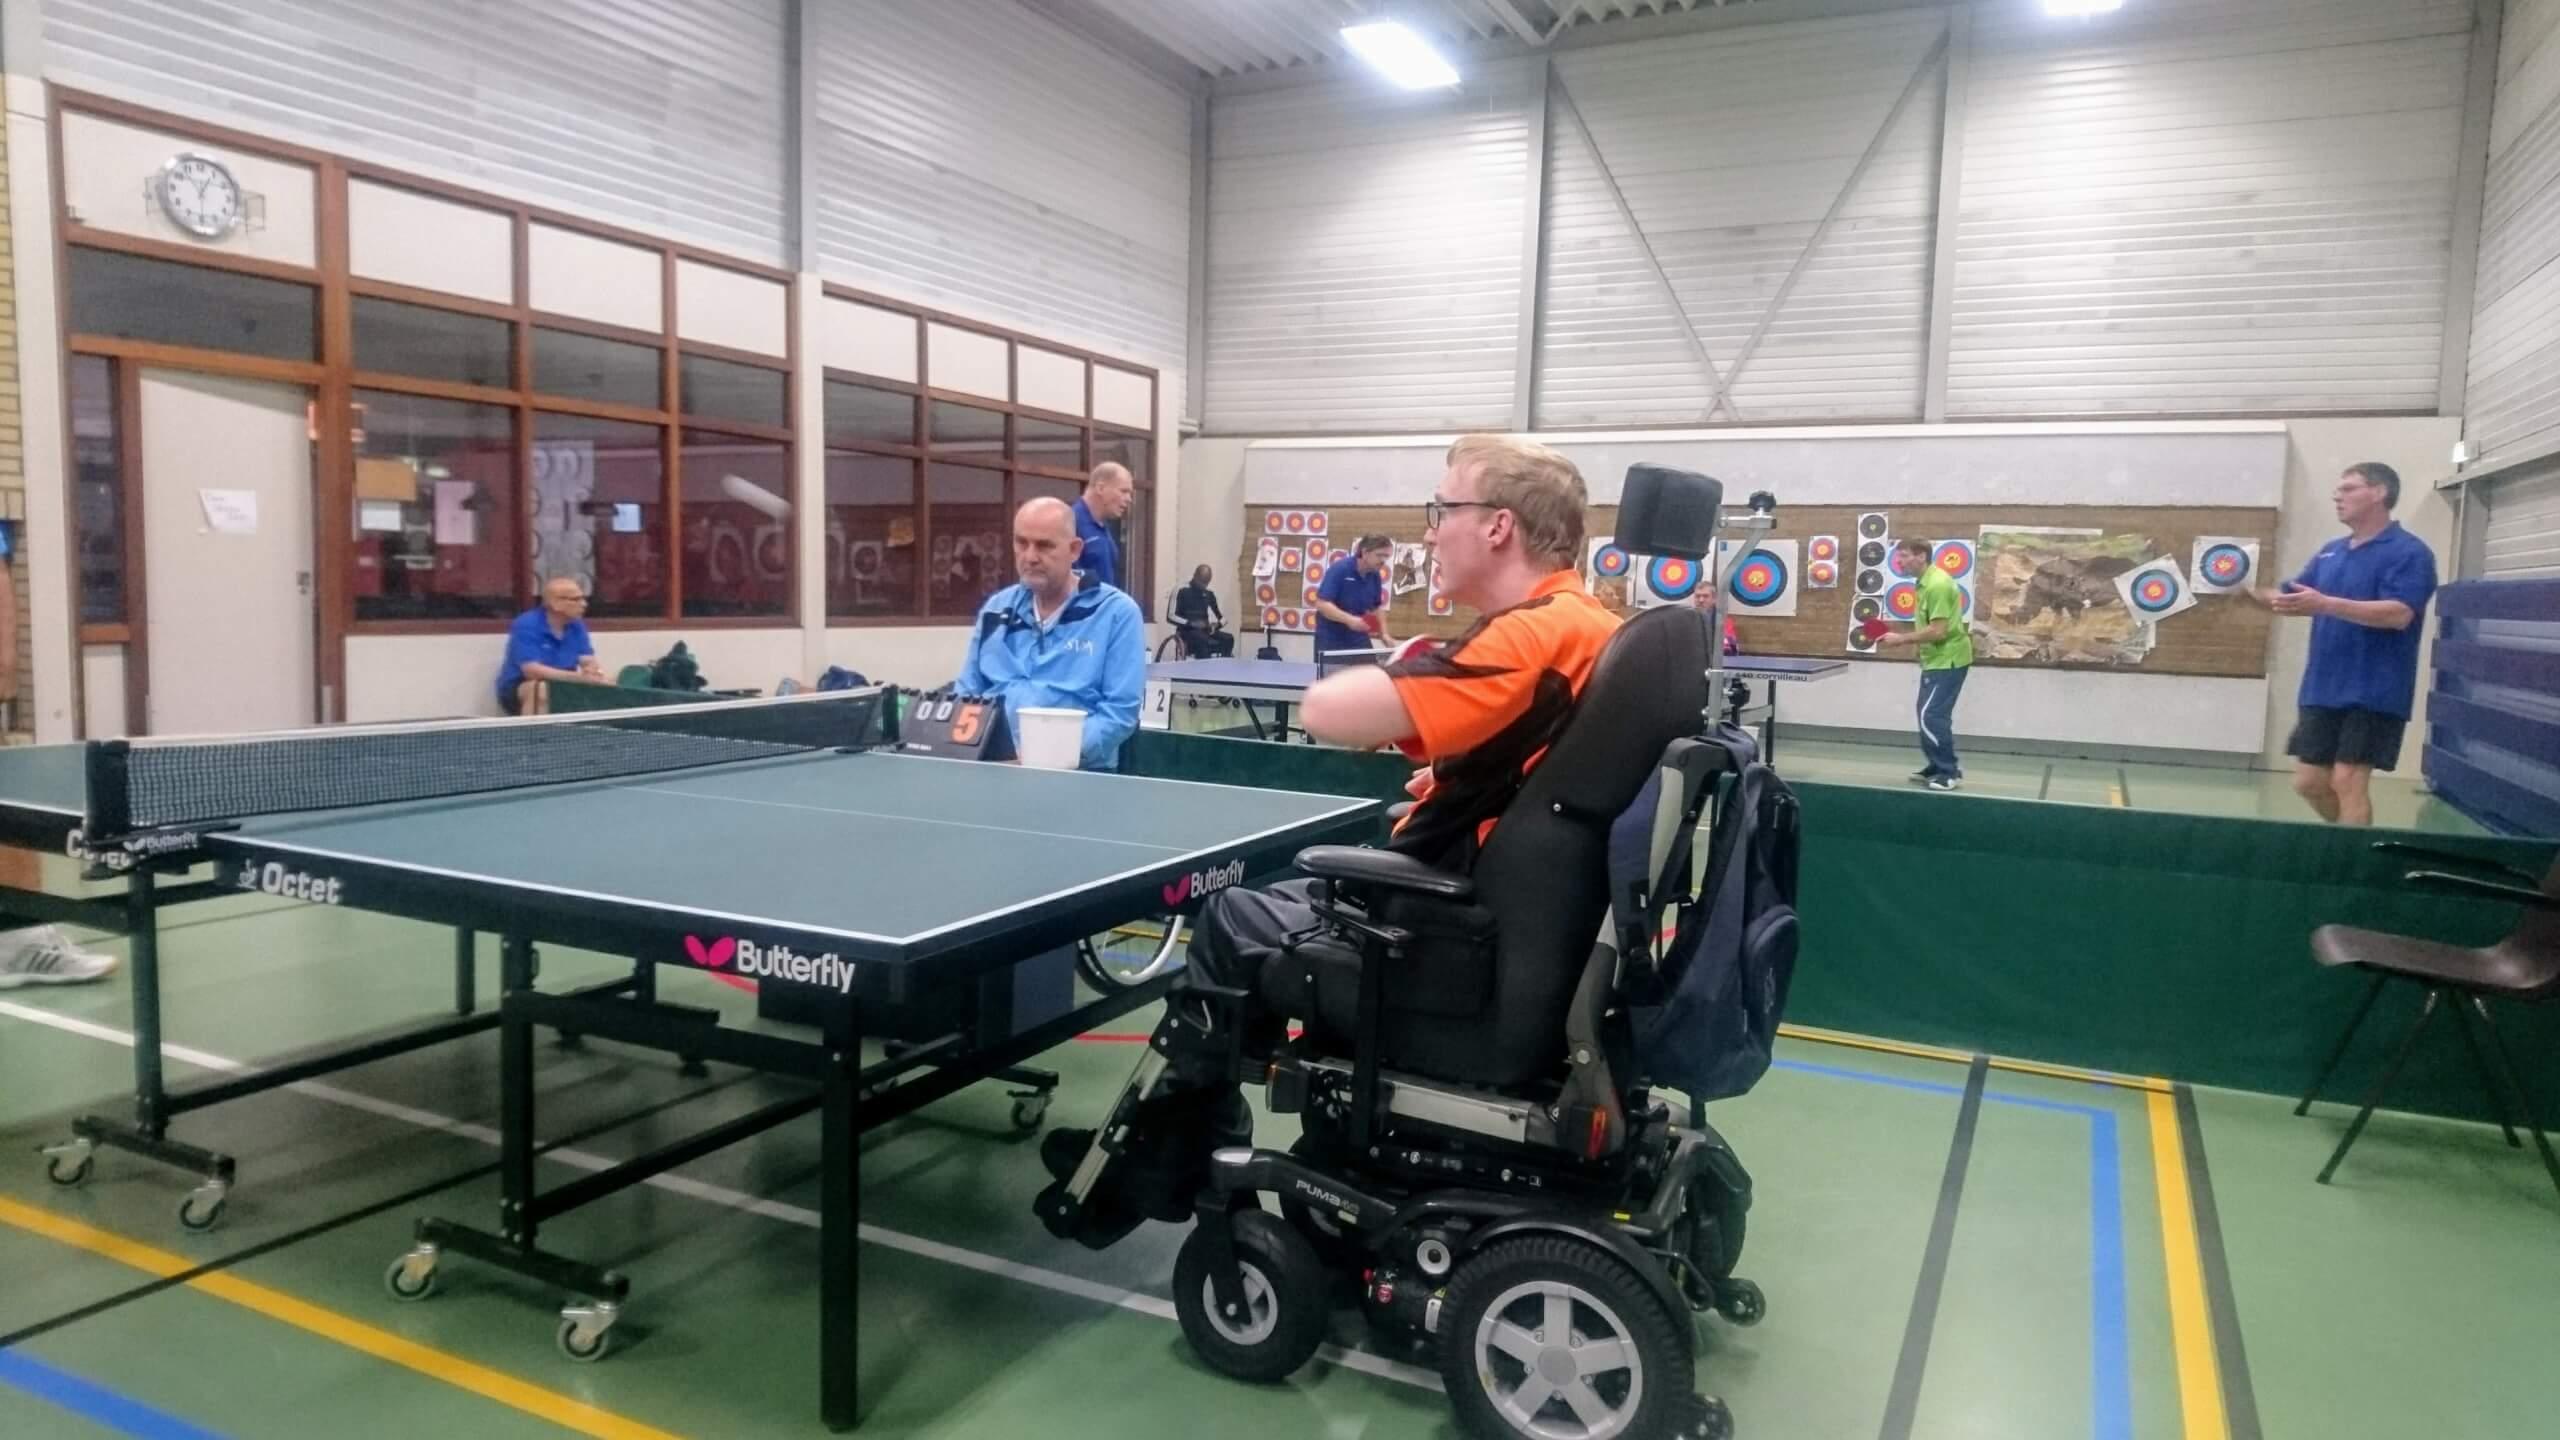 Stefan speelt vanuit zijn elektrische rolstoel tafeltennis. Op achtergrond nog 2 wedstrijden aan de gang met o.a. Hans.